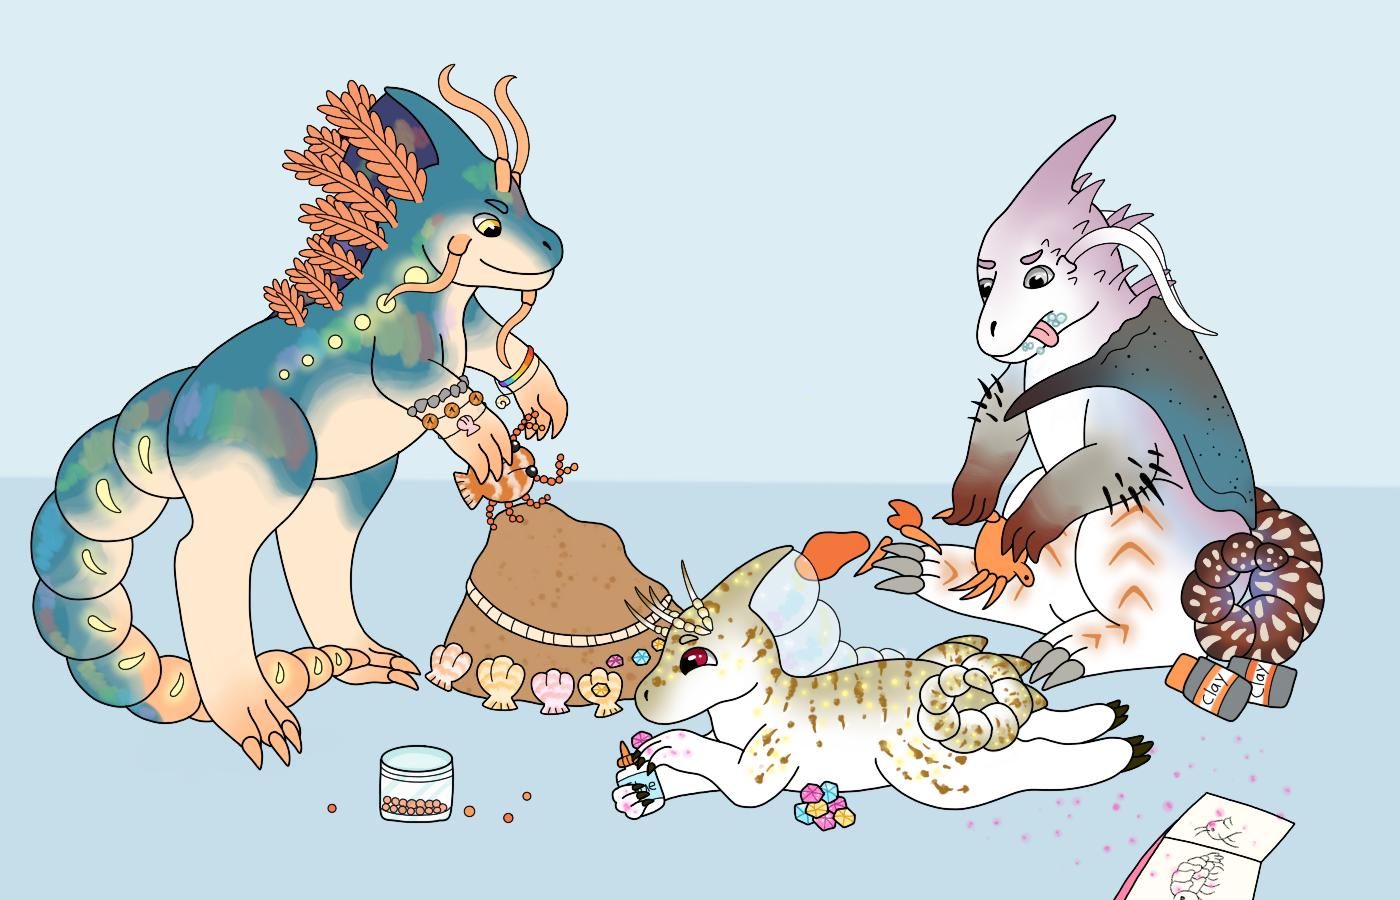 [Comm] Crab Crafts